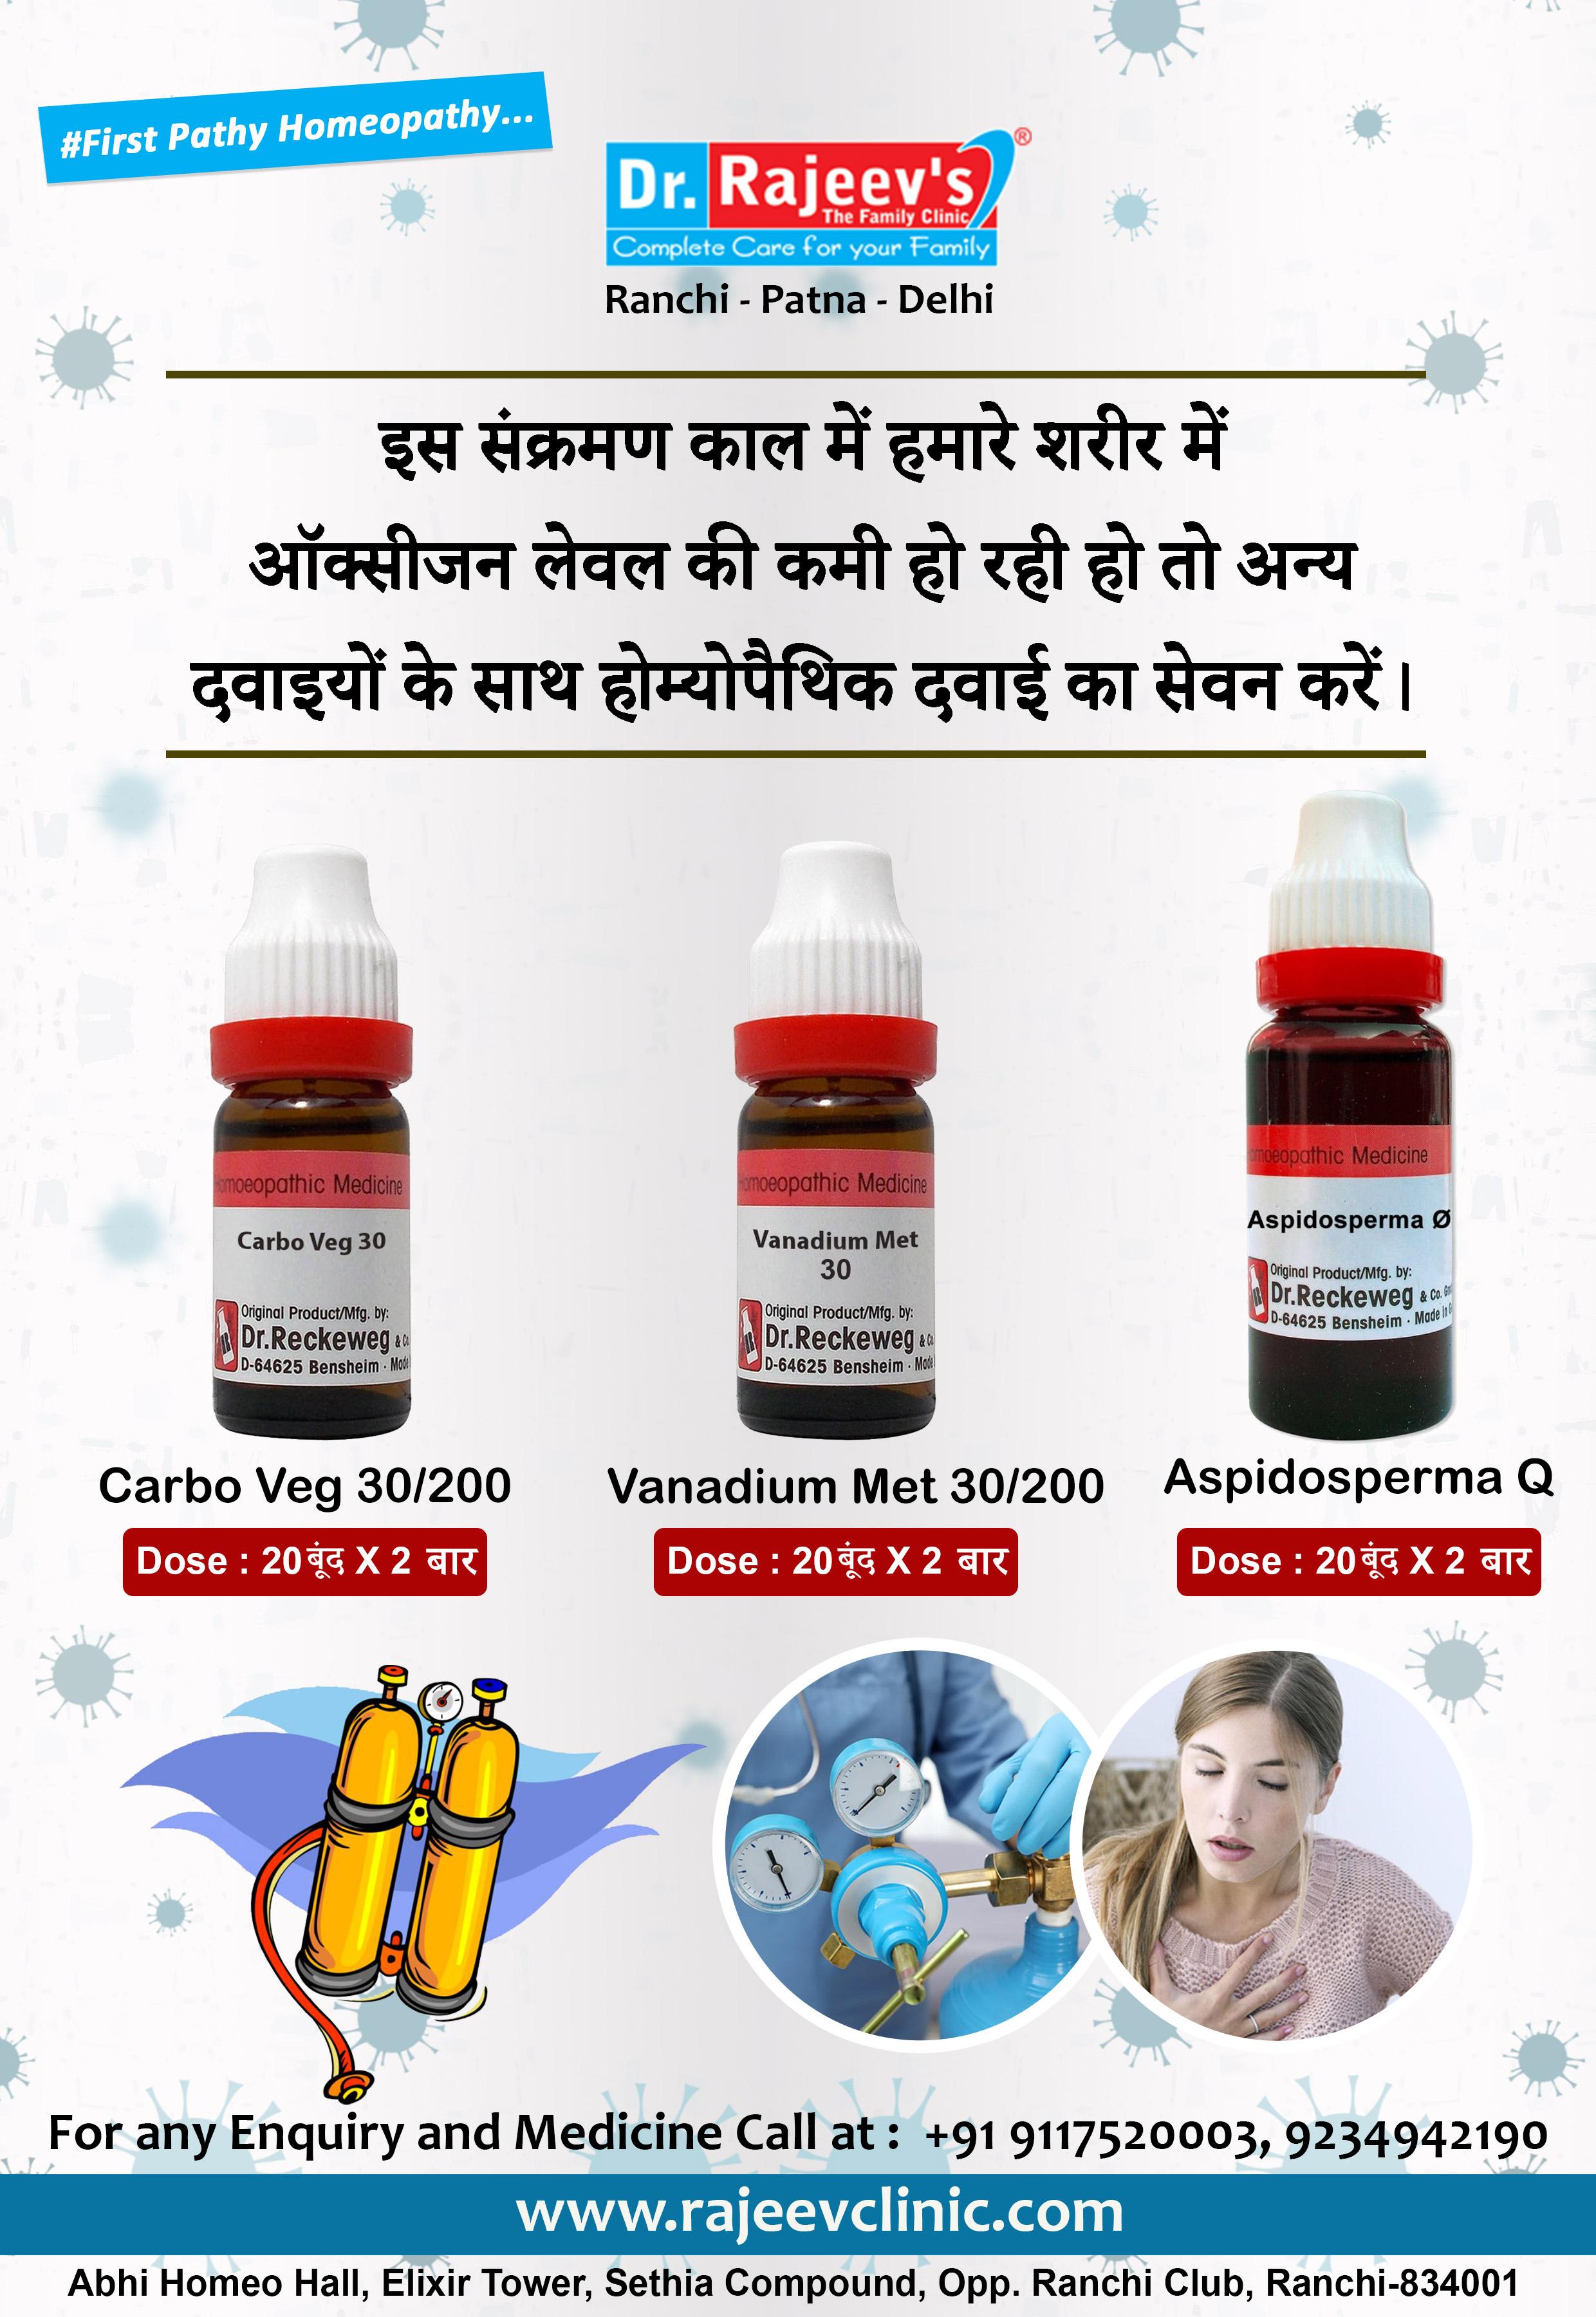 इस संक्रमण काल में हमारे शरीर में ऑक्सीजन लेवल की कमी हो रही हो तो अन्य दवाइयों के साथ होम्योपैथिक दवाई का सेवन करें